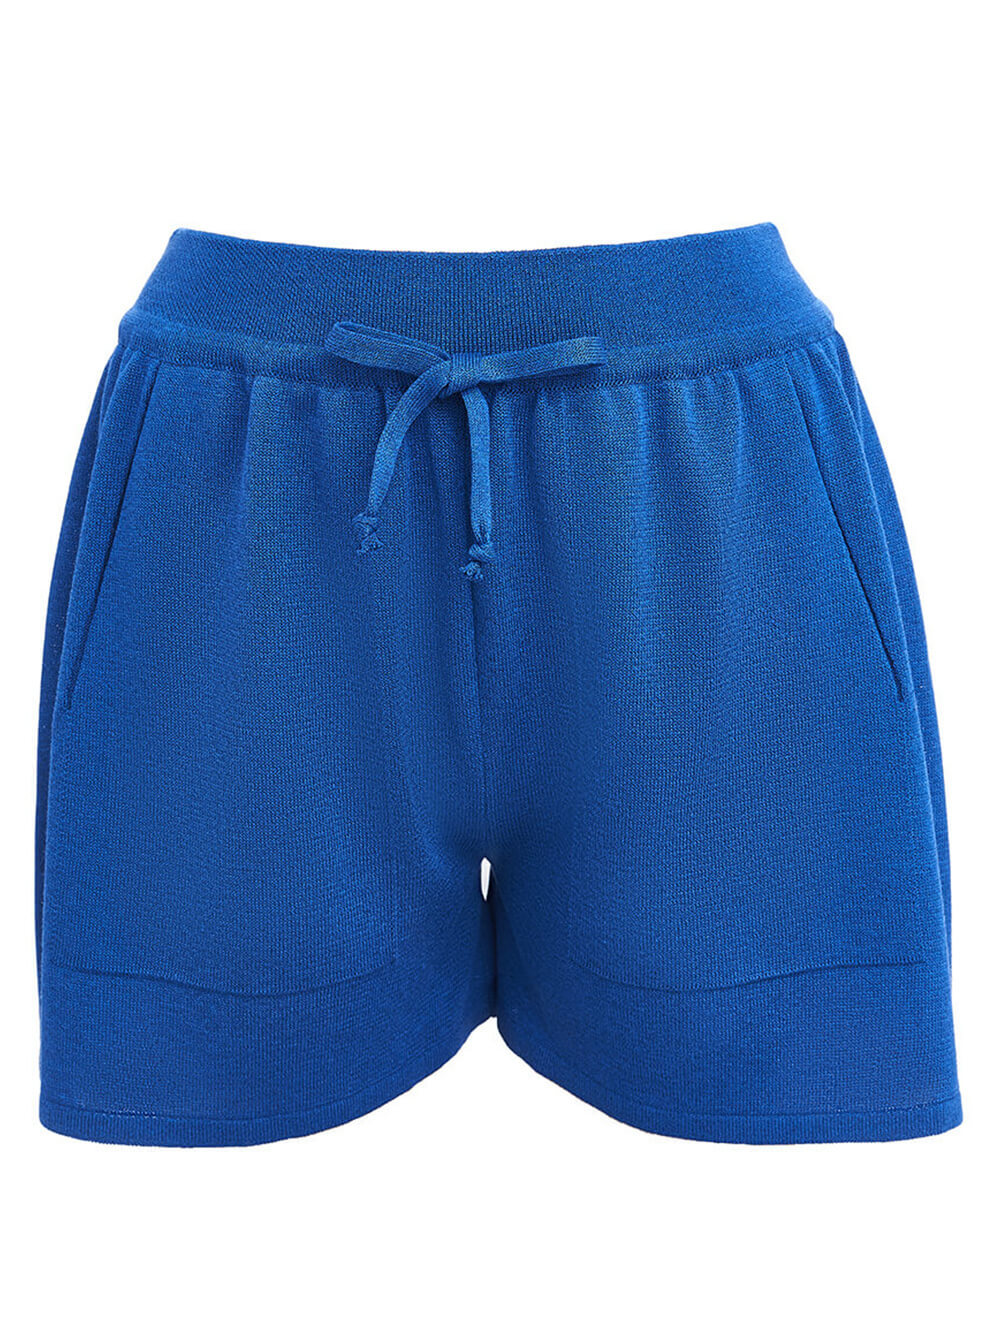 Женские шорты синего цвета из вискозы - фото 1